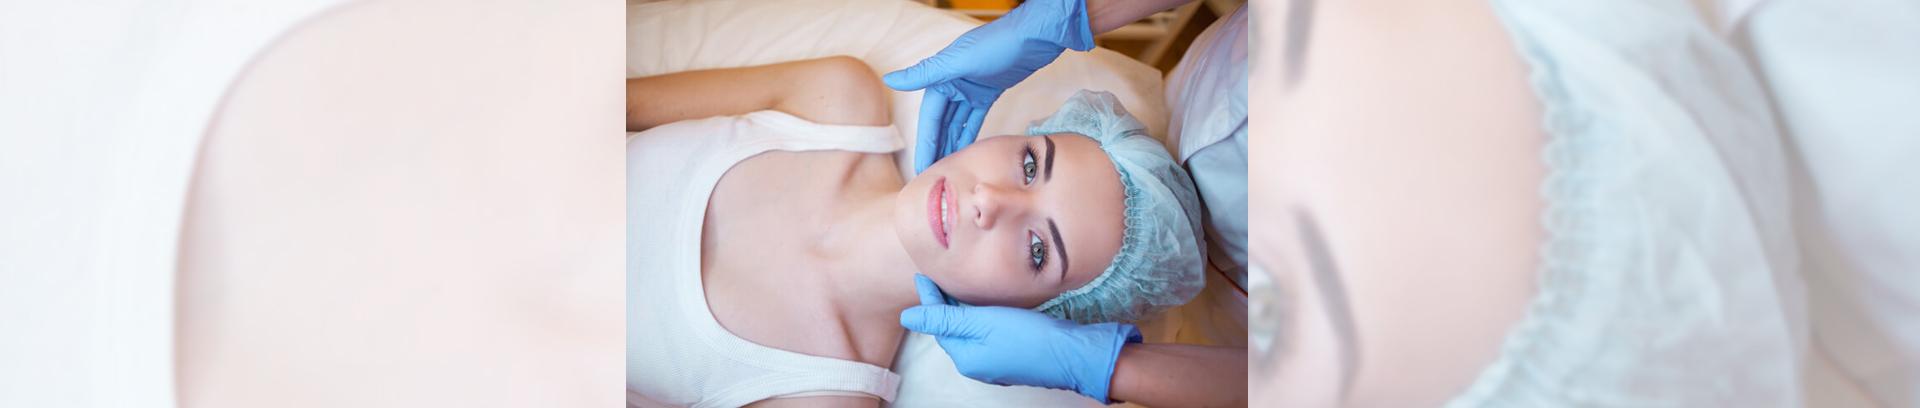 Botox patient